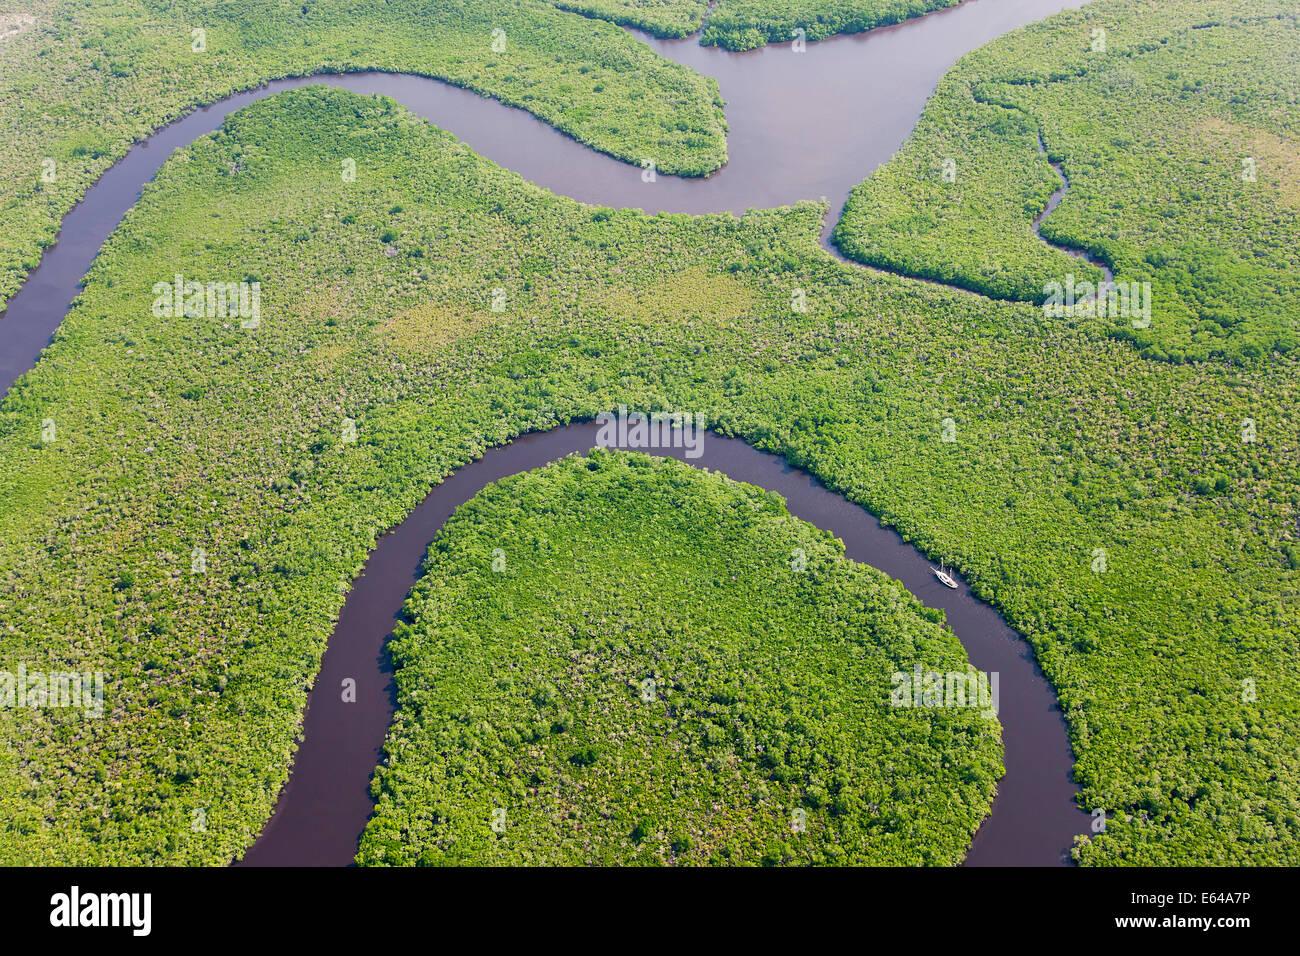 Barche a vela & vista aerea della foresta pluviale, Fiume Daintree, Parco Nazionale Daintree, Queensland Australia Immagini Stock